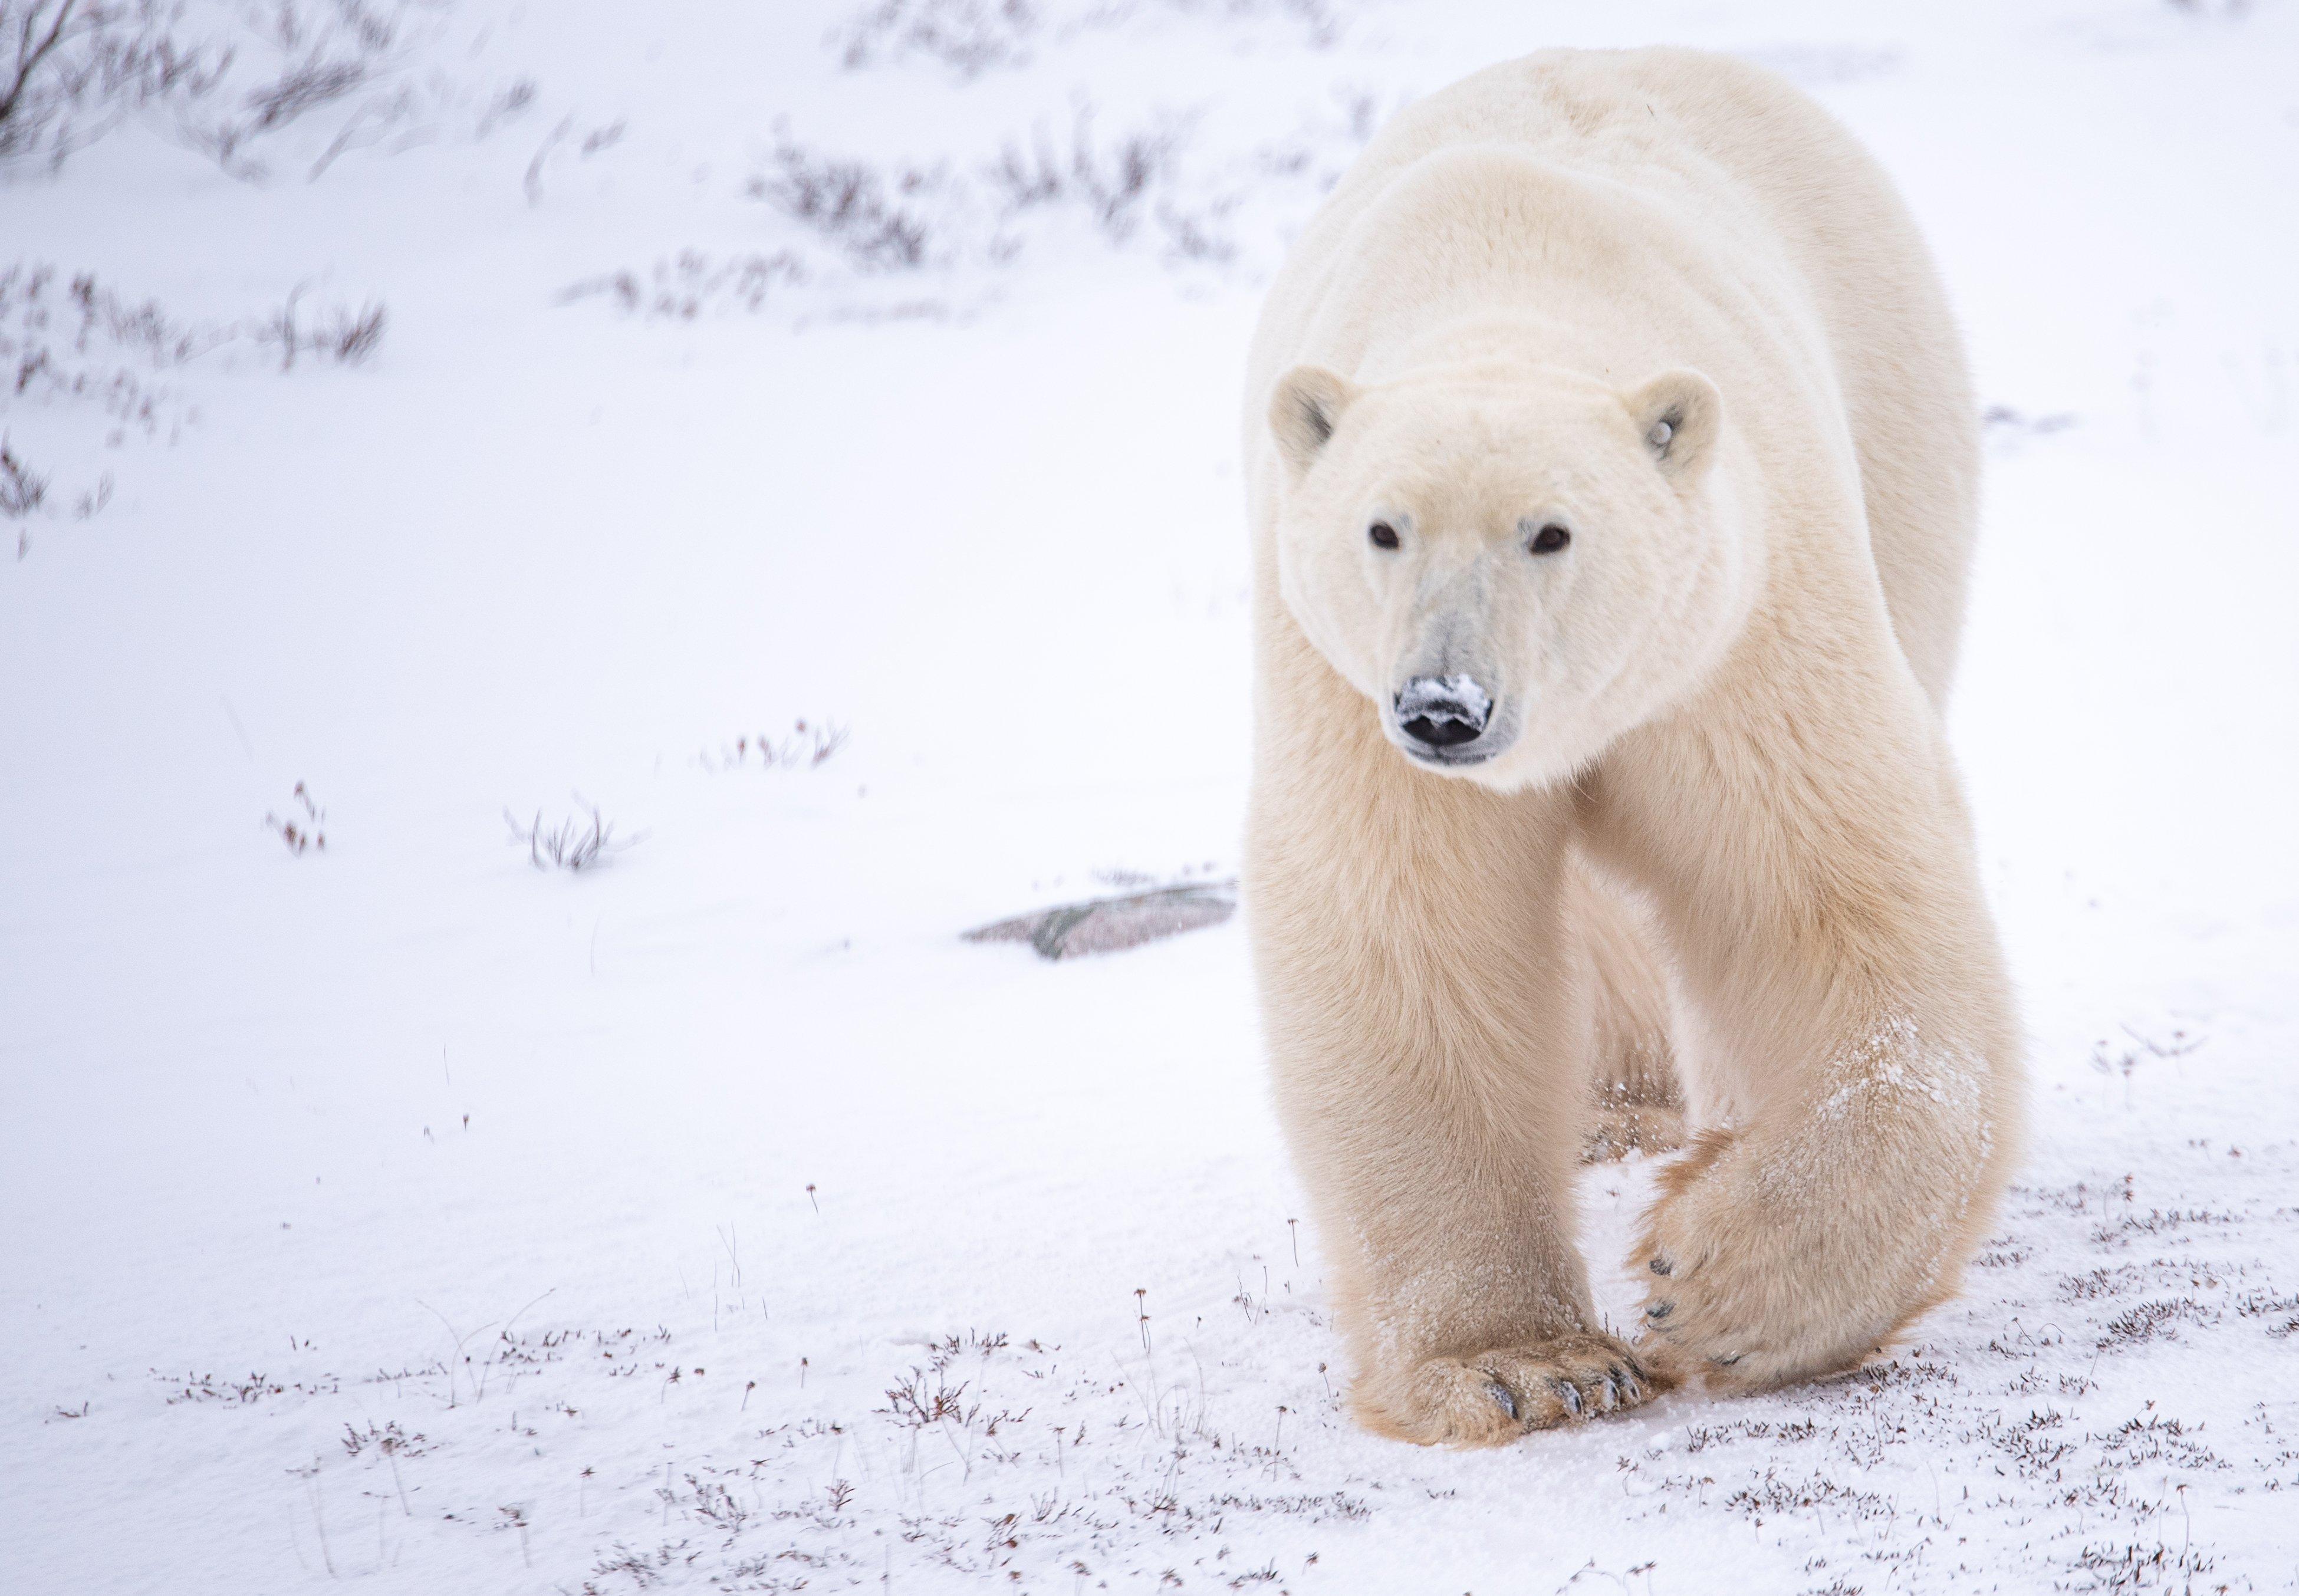 A polar bear in the Churchill Wildlife Management Area